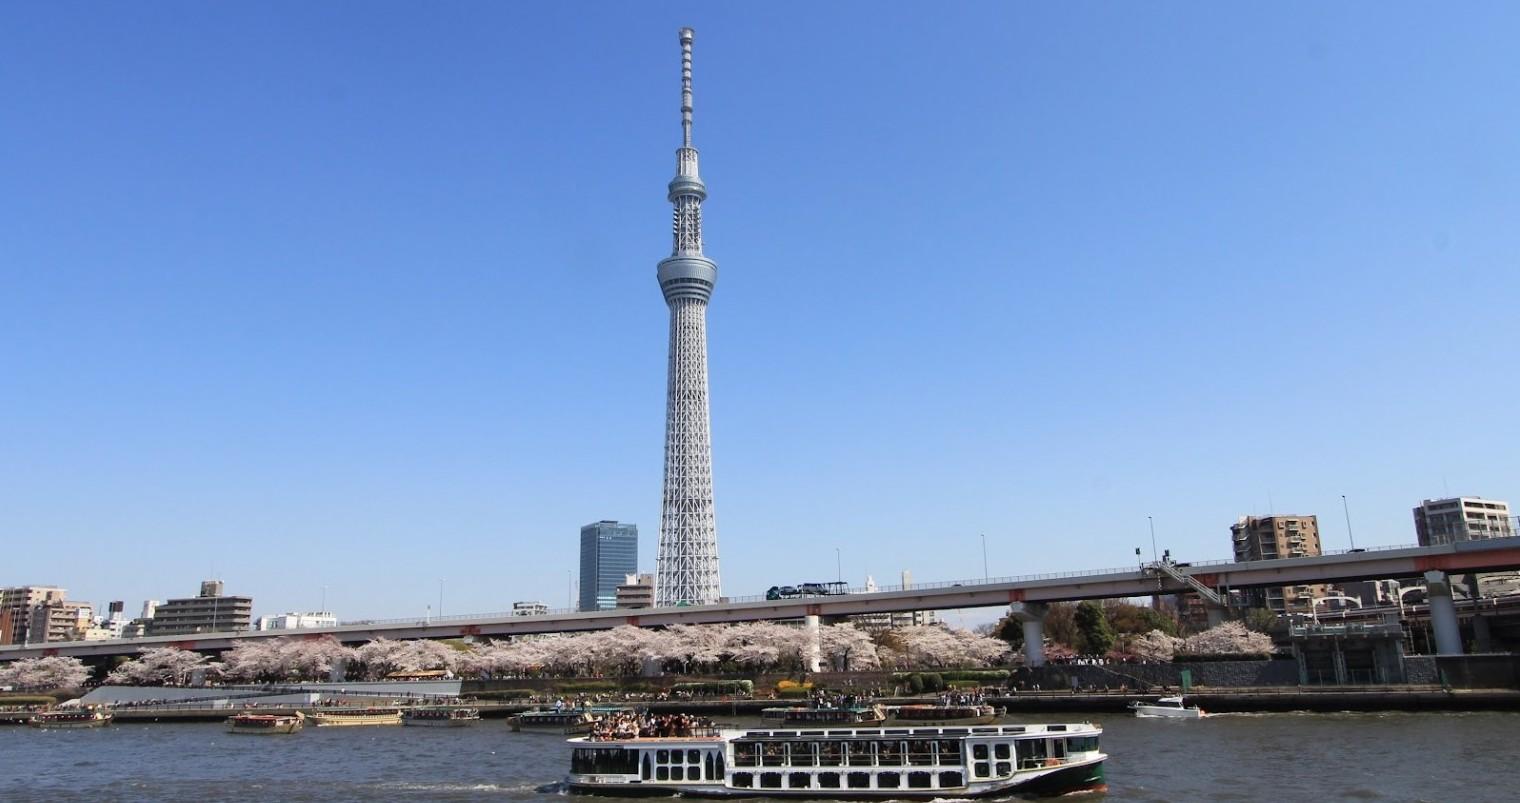 東京スカイツリーは景色だけじゃない!1日デートで楽しみつくそう!のサムネイル画像